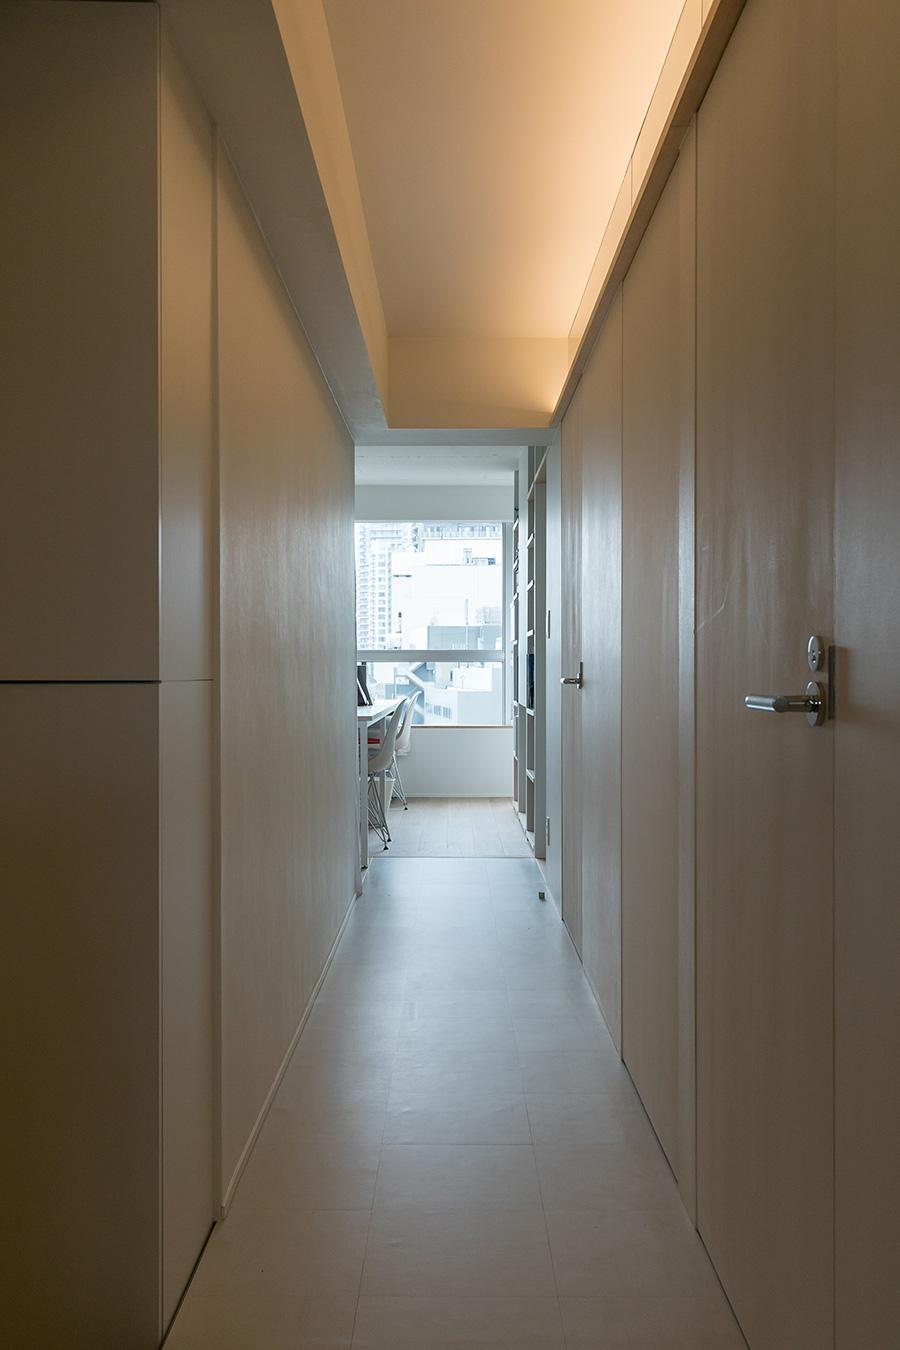 玄関から左手を向くと事務所スペース。廊下はあえて間接照明のみを使い、落ち着いた明るさに。